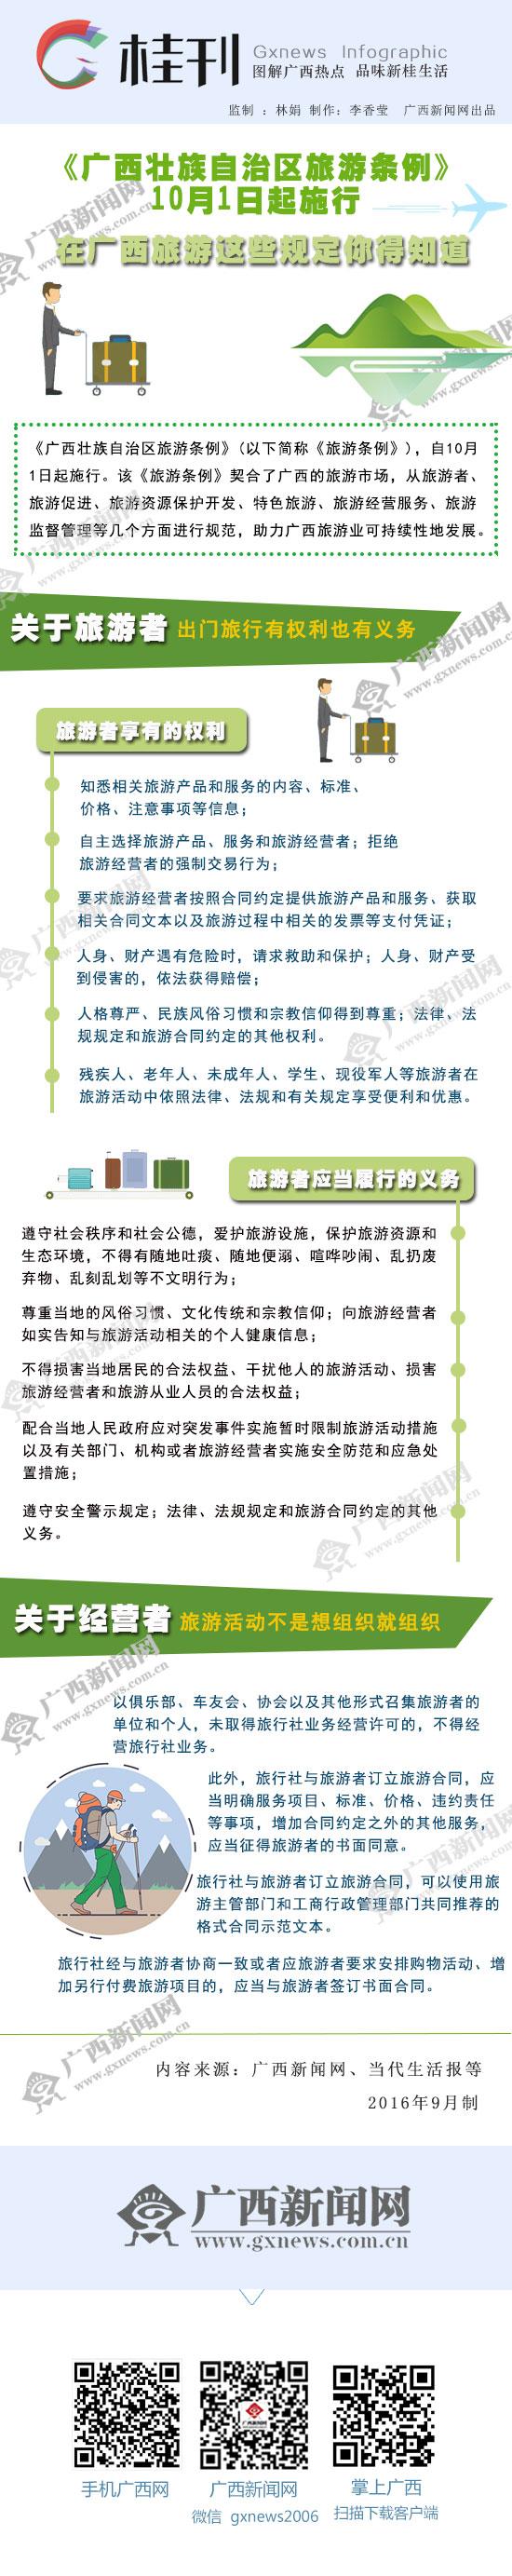 【桂刊】在广西旅游这些规定你得知道